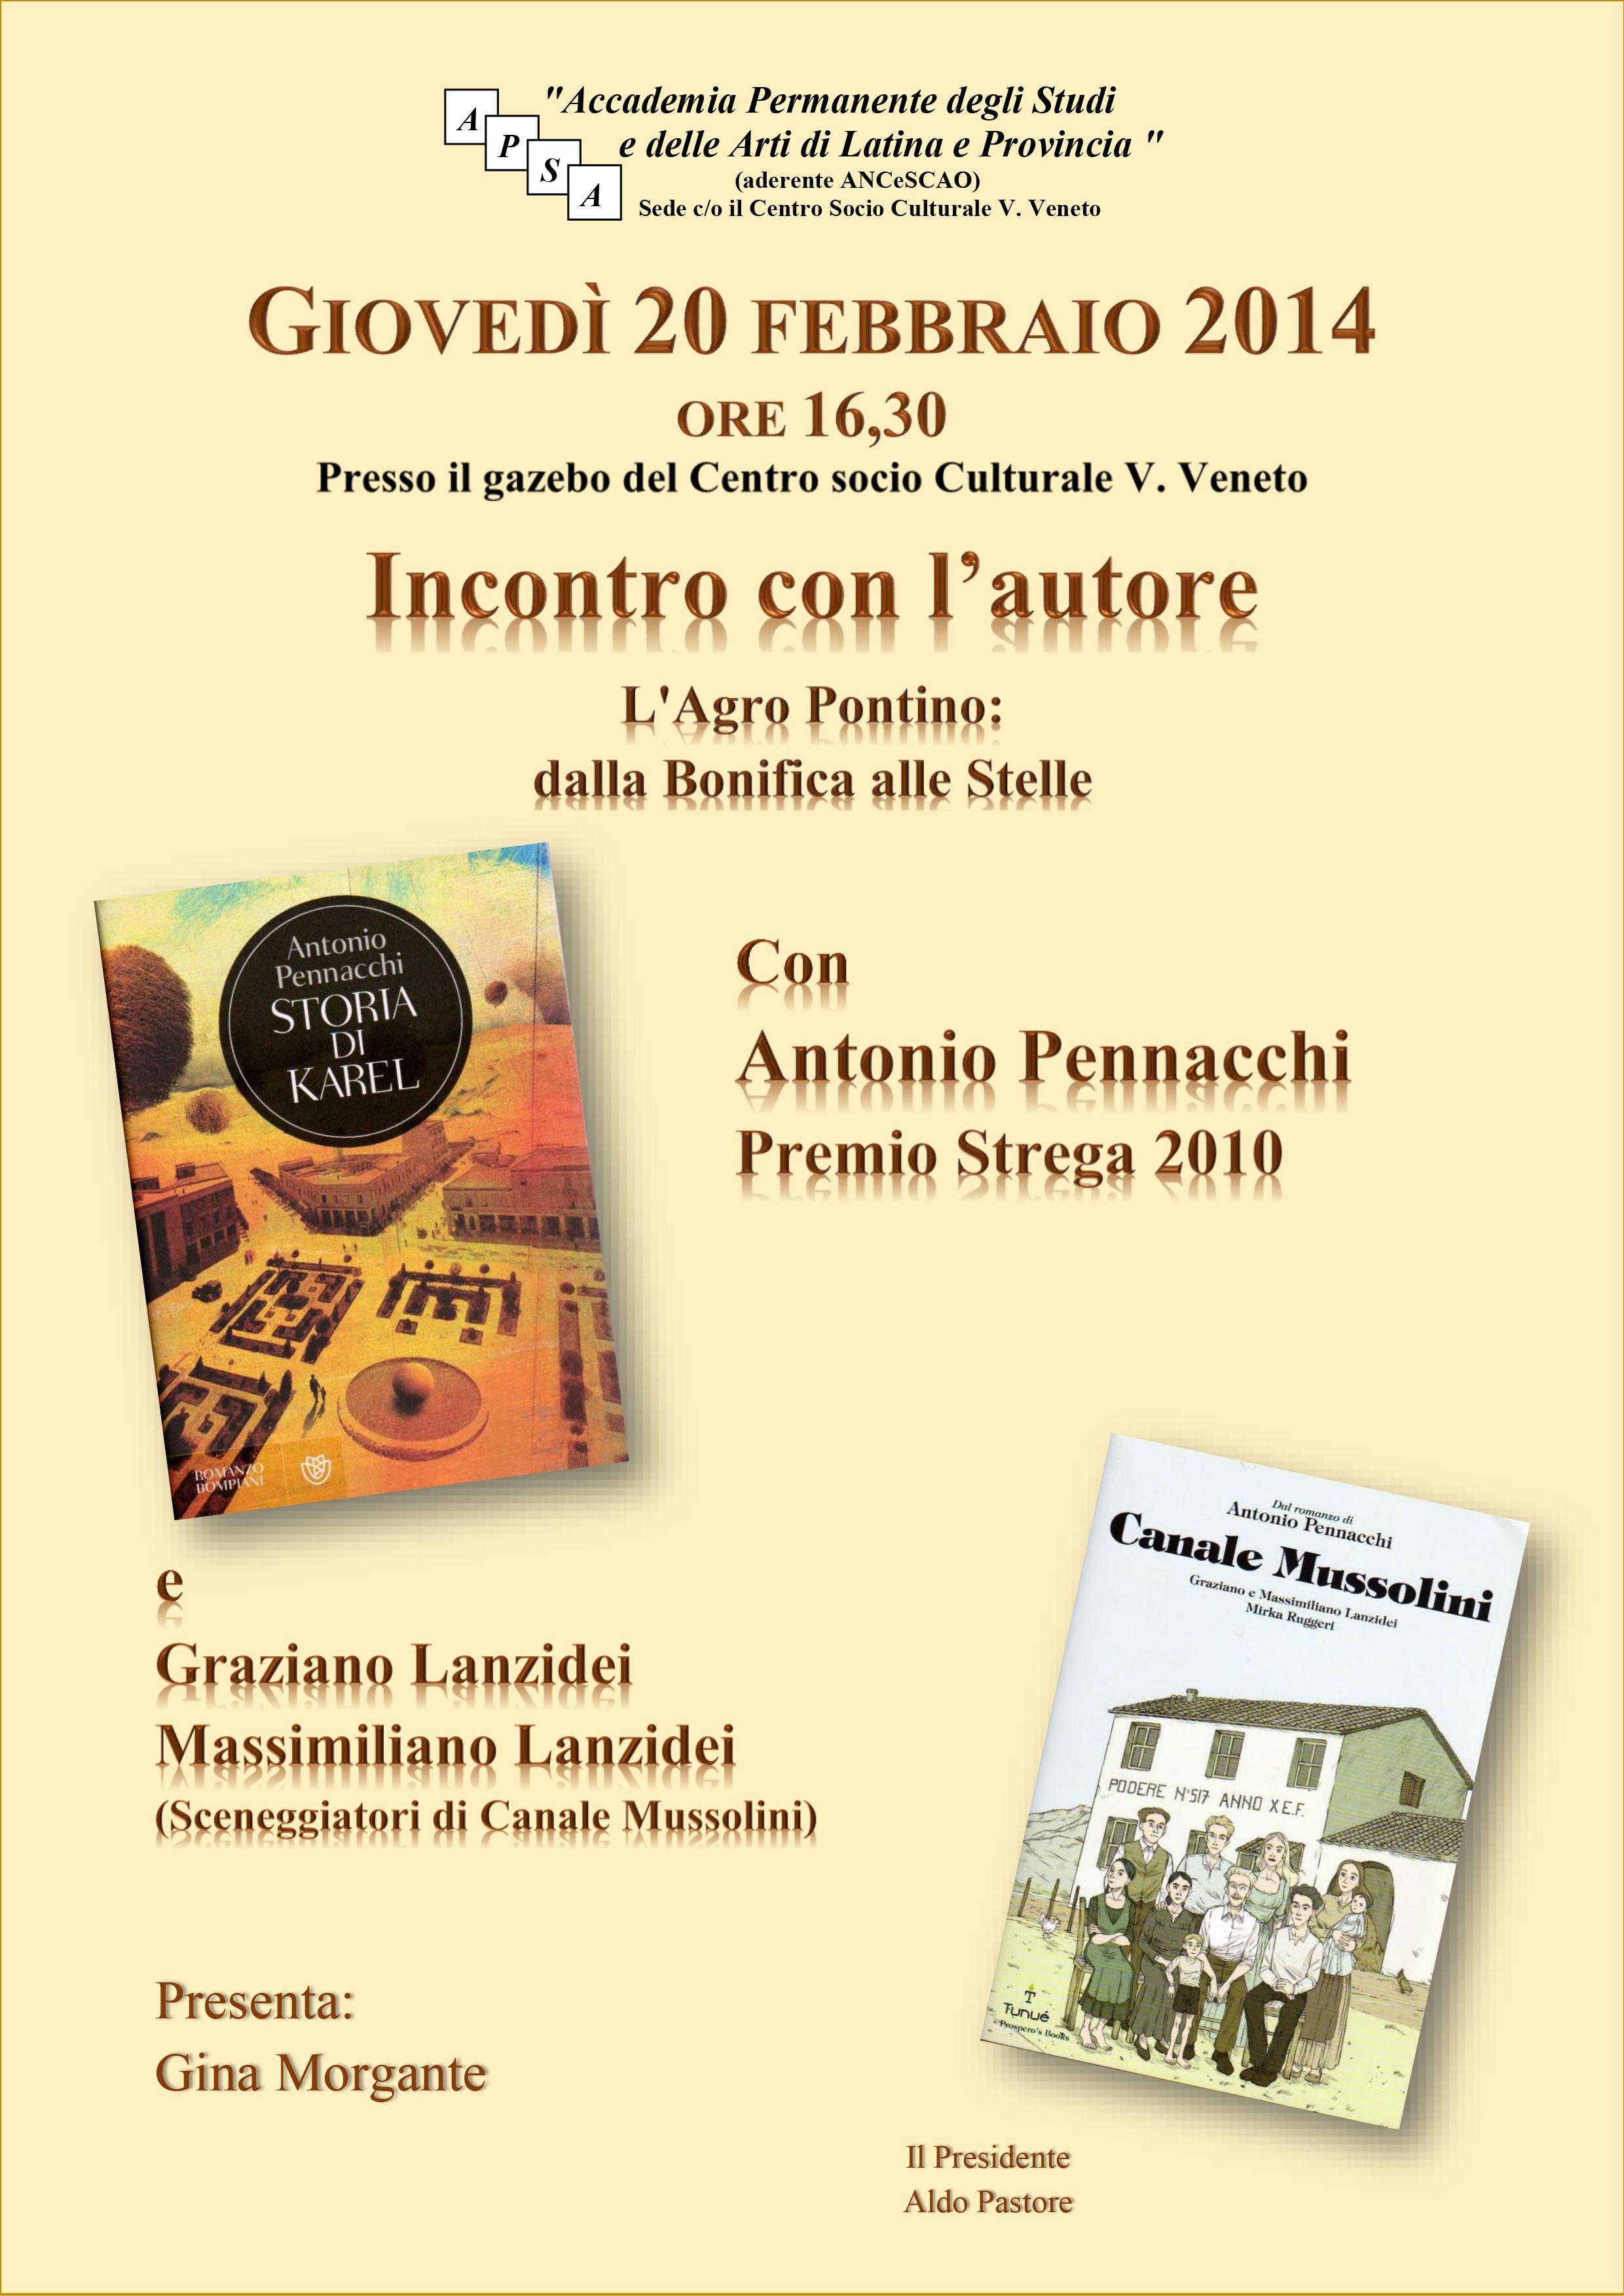 incontri_autore_pennacchi_14